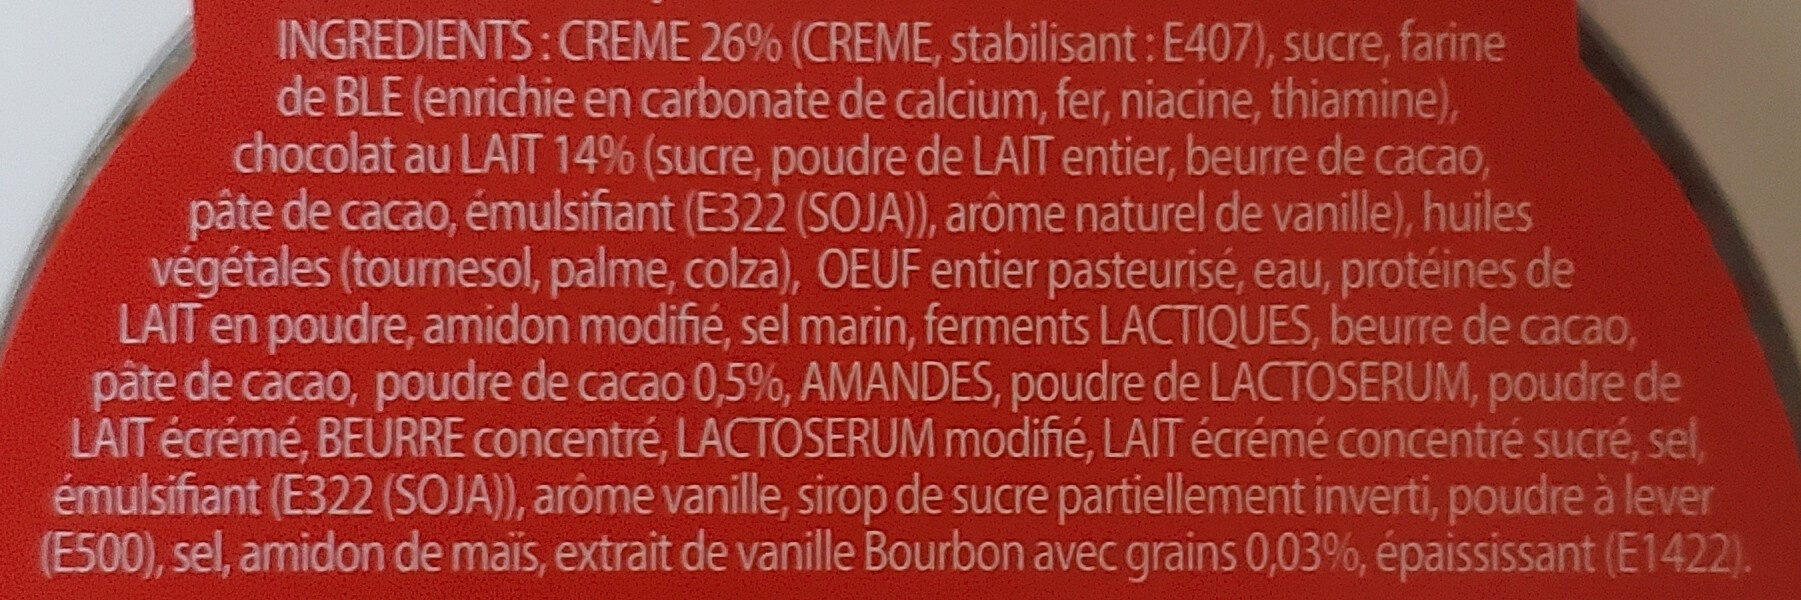 Daim cheesecake - Ingredienti - fr